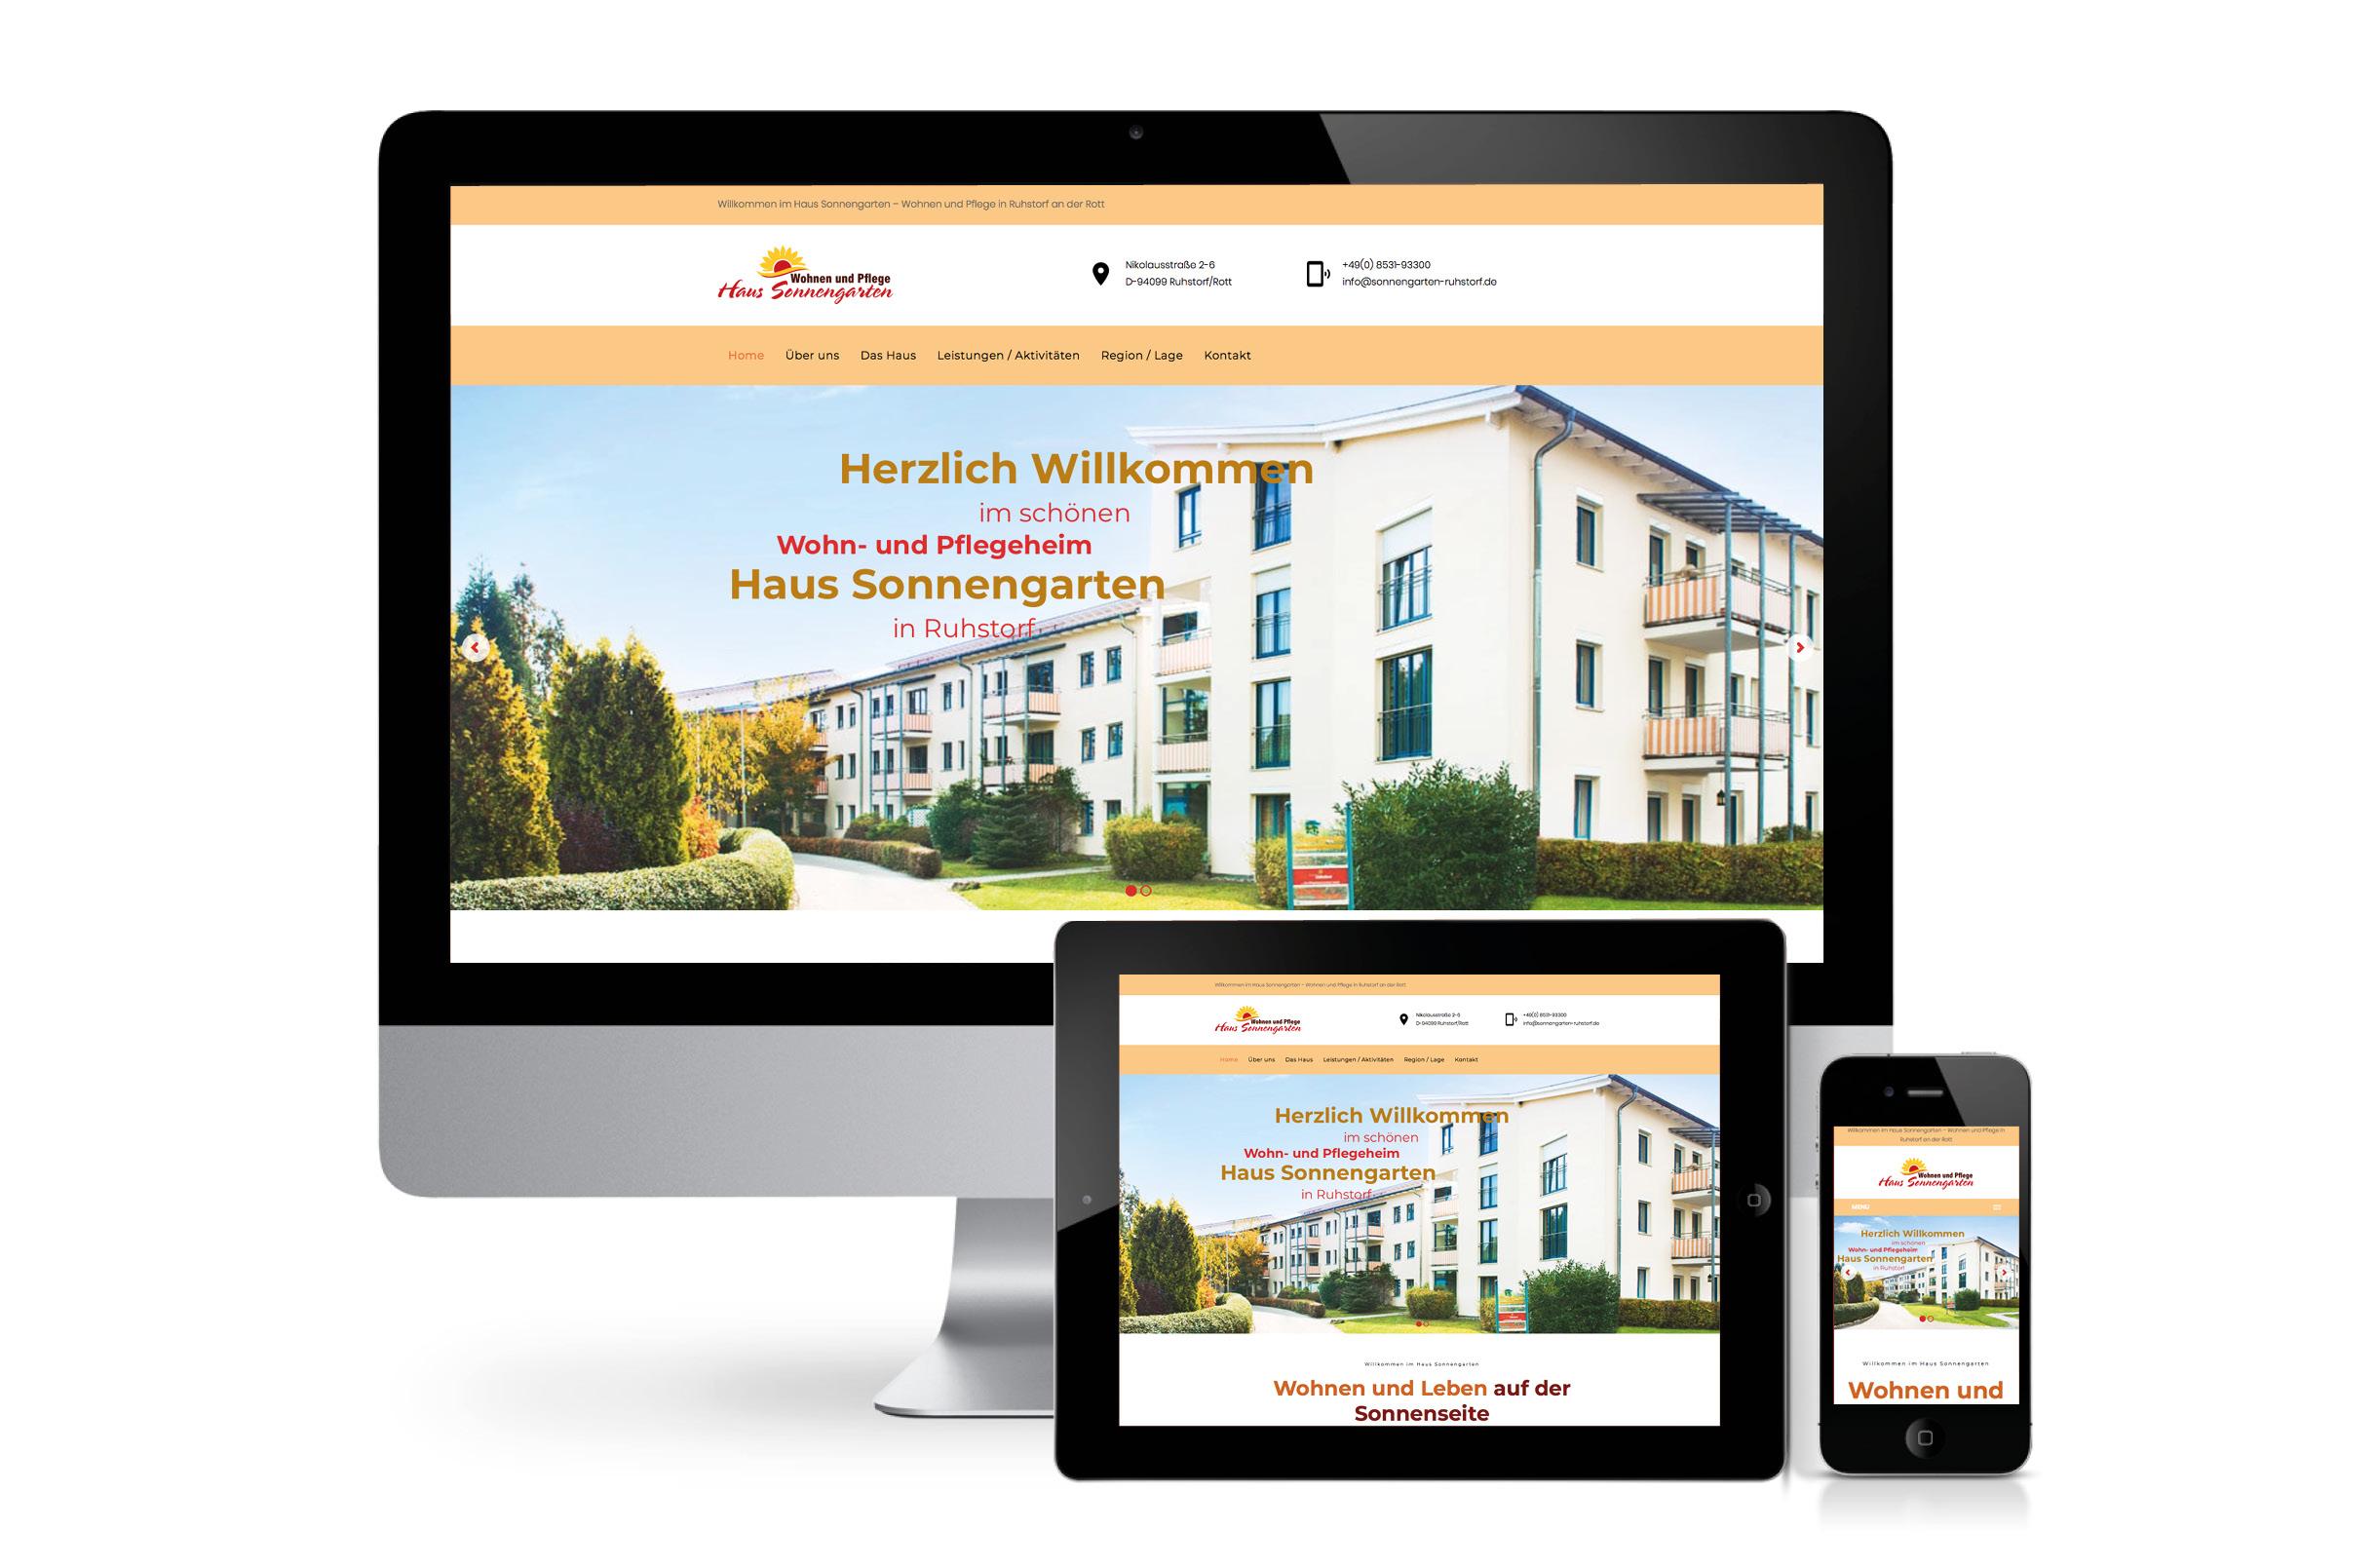 Sonne im Herzen: Neue Homepage für das Wohn- und Pflegeheim Haus Sonnengarten